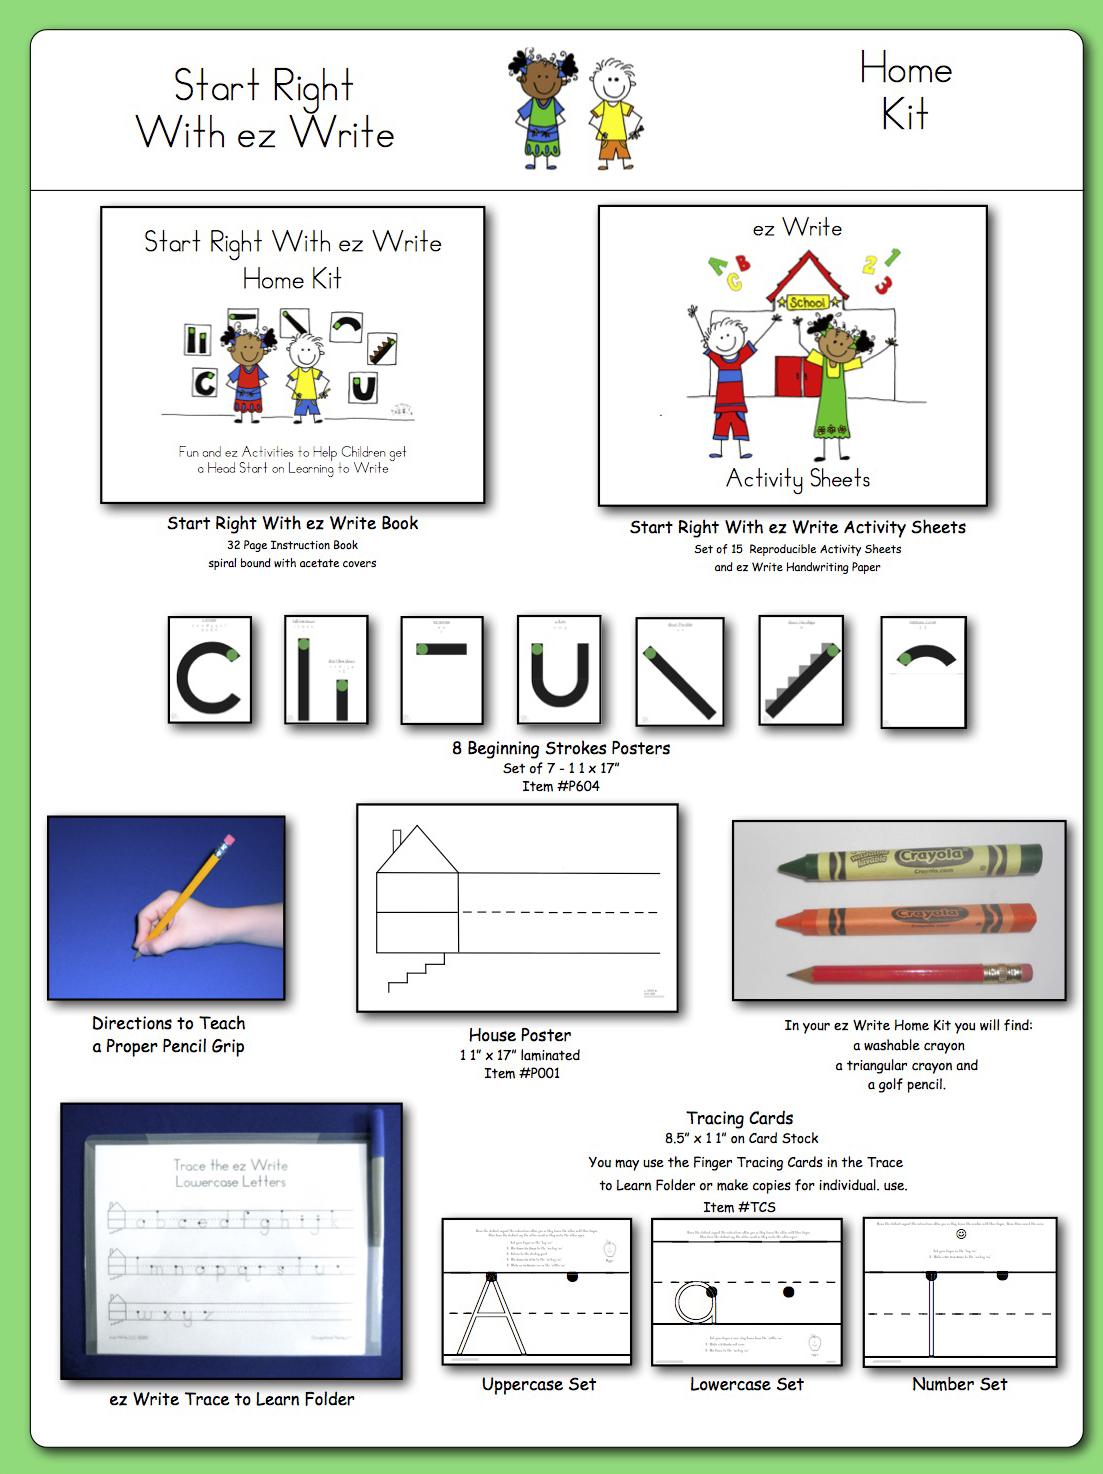 ez-write-home-kit